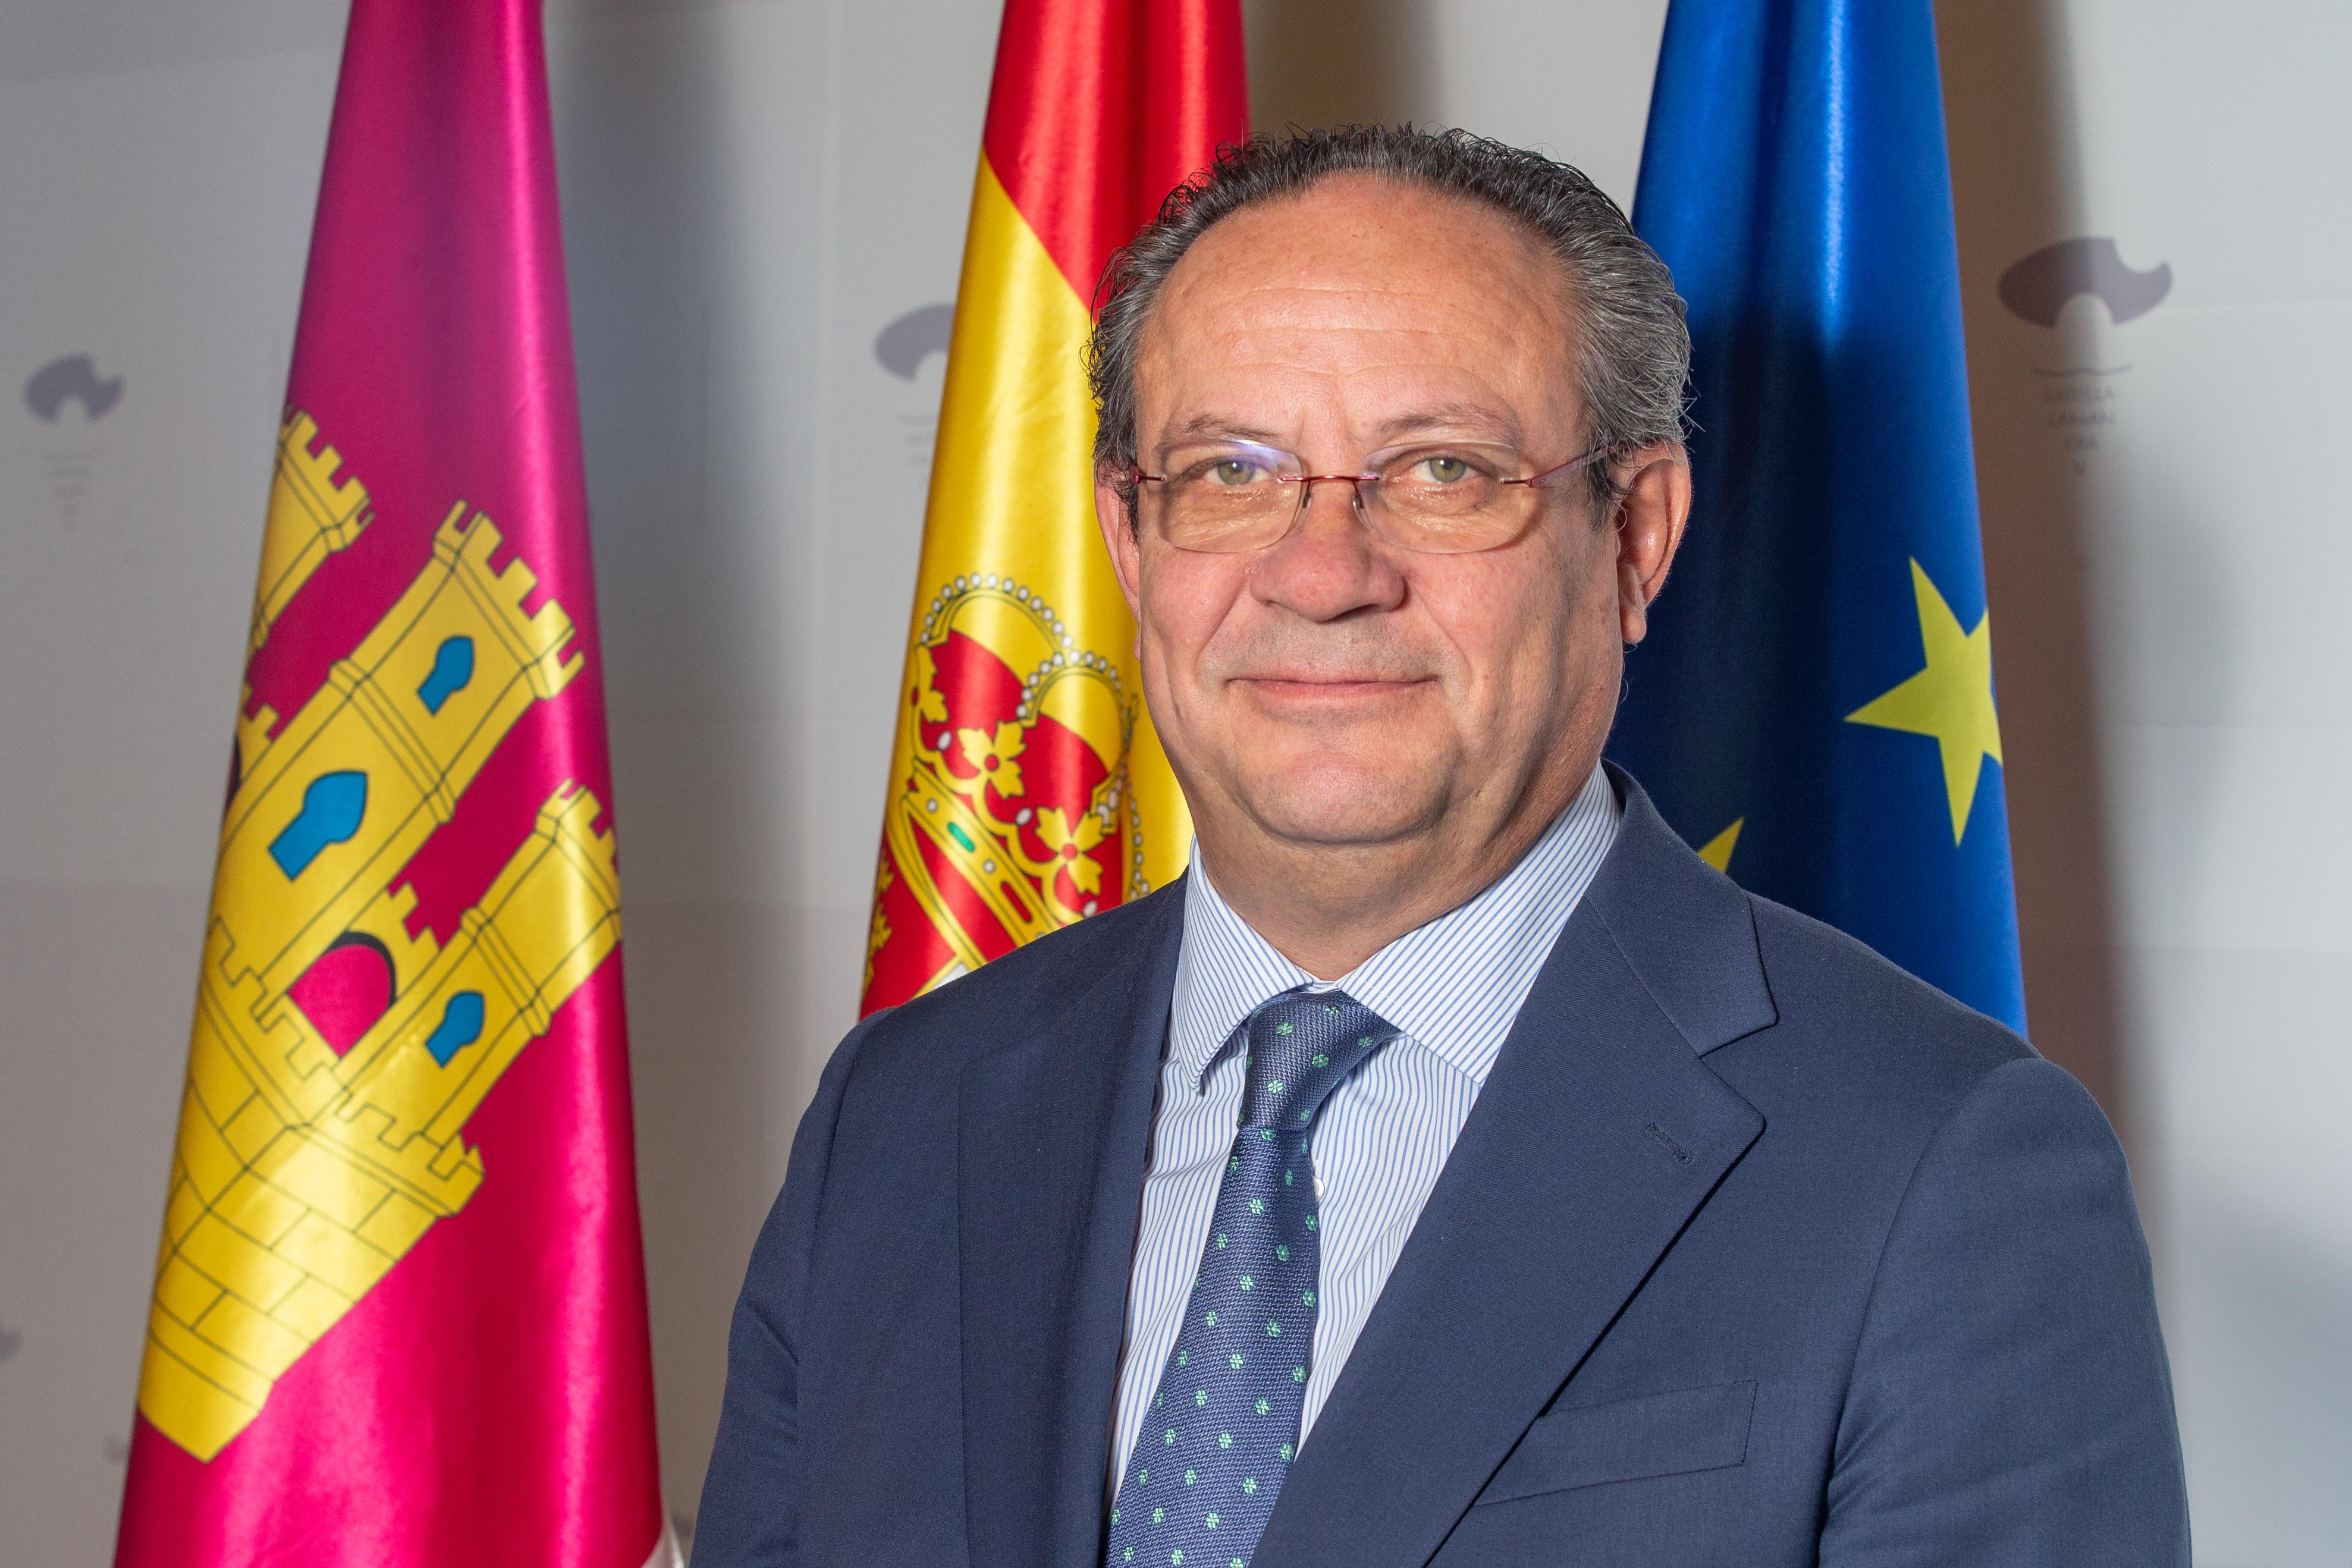 Artículo de opinión del consejero de Hacienda y Administraciones Públicas, Juan Alfonso Ruiz Molina, con motivo del Día Internacional de la Protección Civil, 1 de marzo